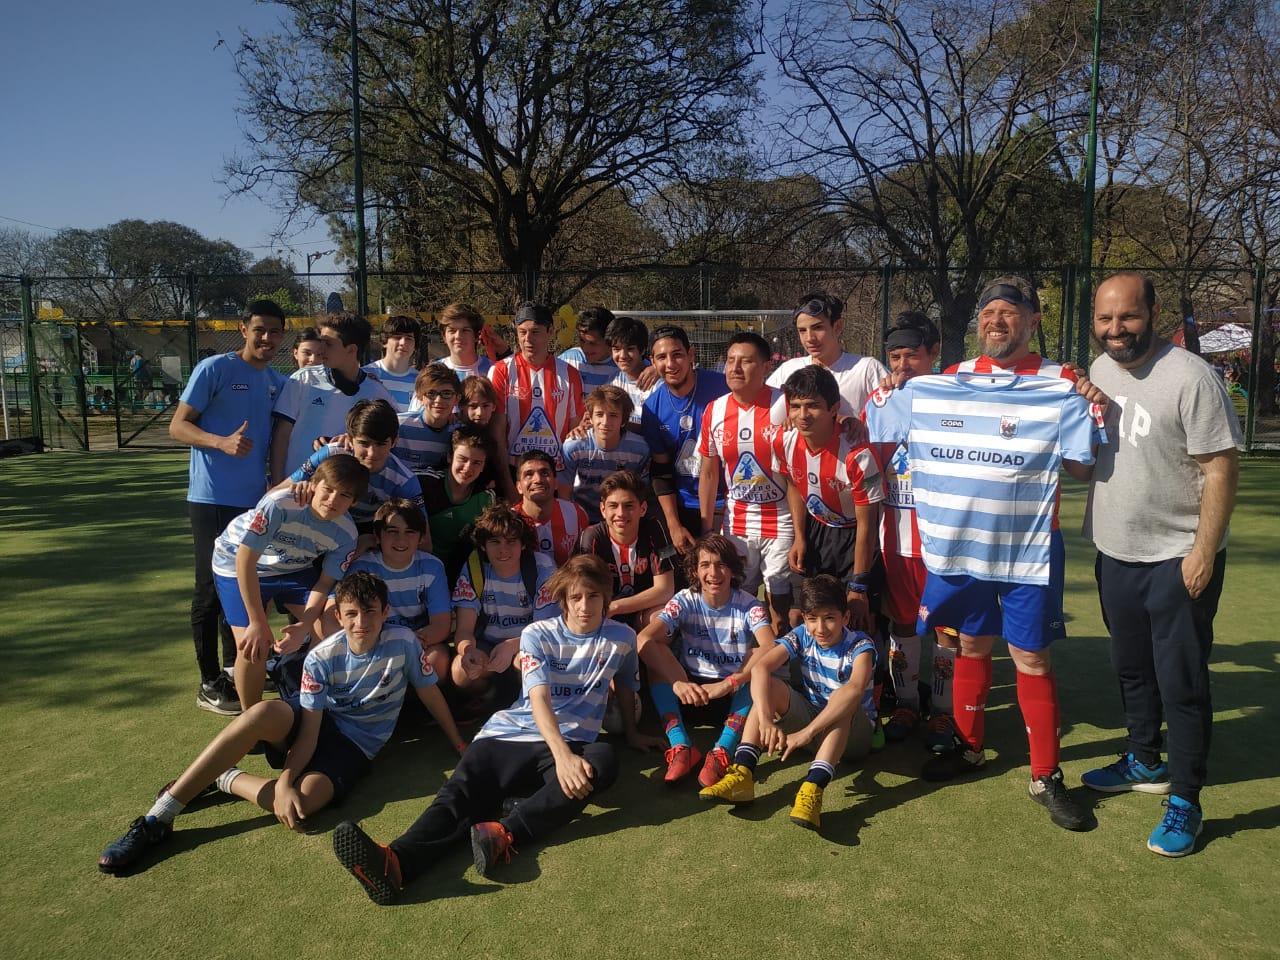 """Fútbol 5 para ciegos: el equipo """"Fundación Paradeportes- Cañuelas FC"""" brindó una exhibición en el Club Ciudad de Buenos Aires"""